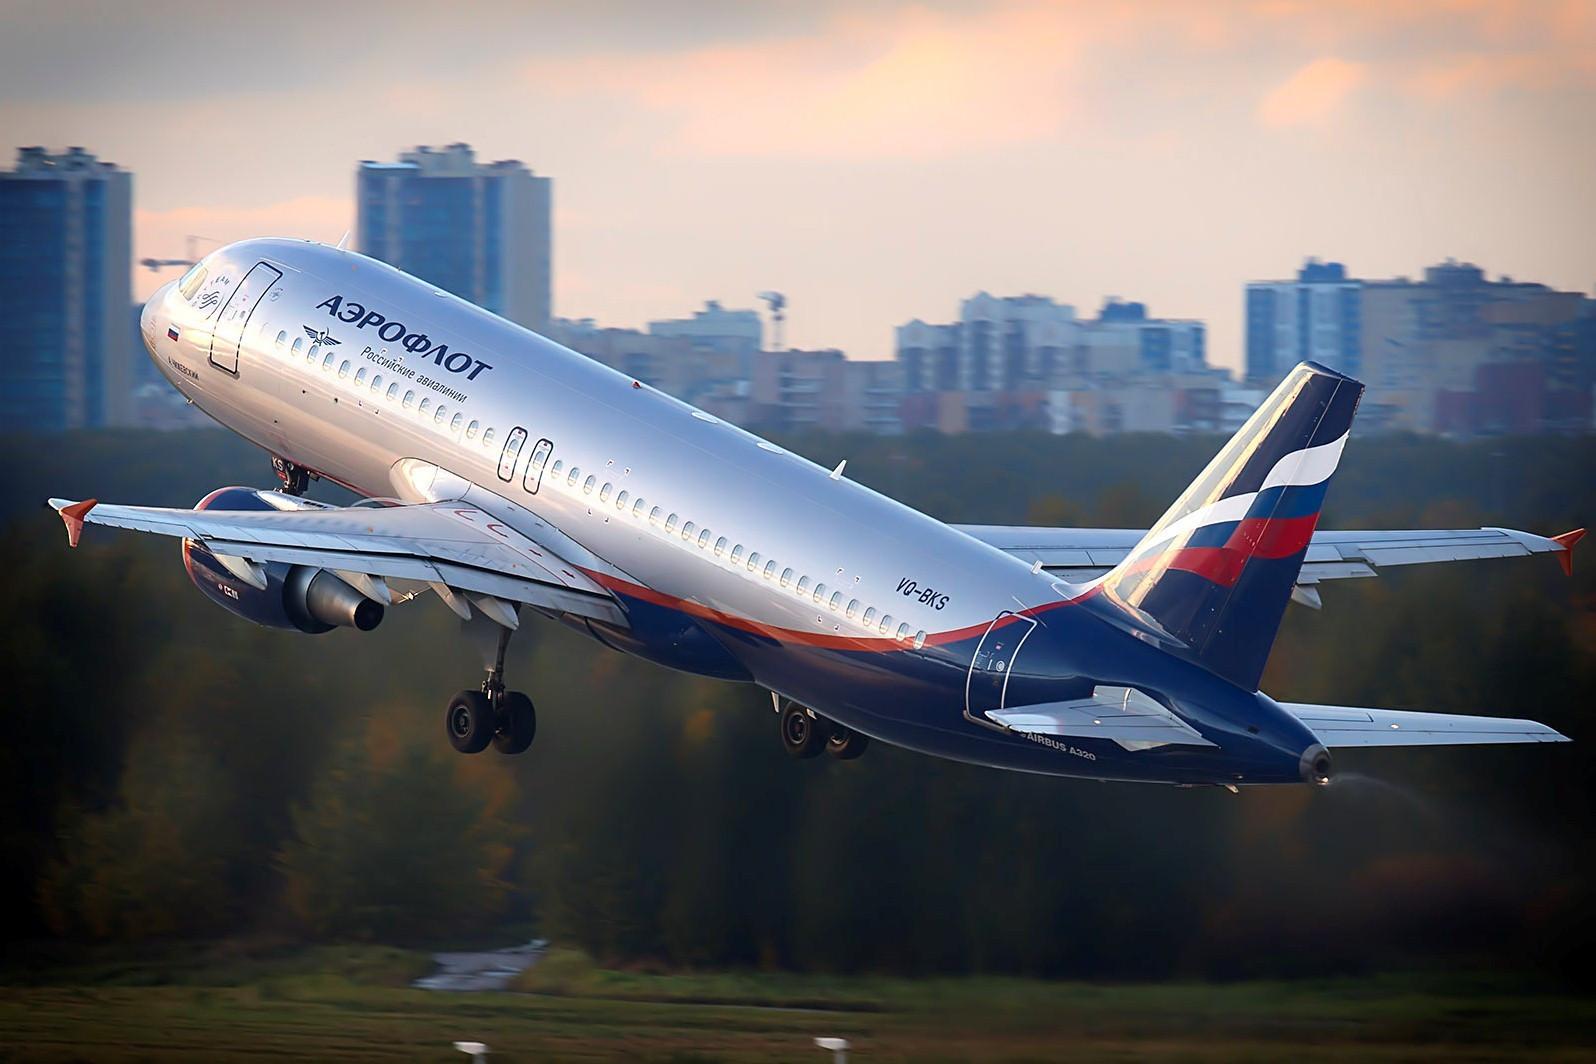 Аэрофлот открыл продажу льготных билетов дальневосточникам - у касс опять очереди с ночи